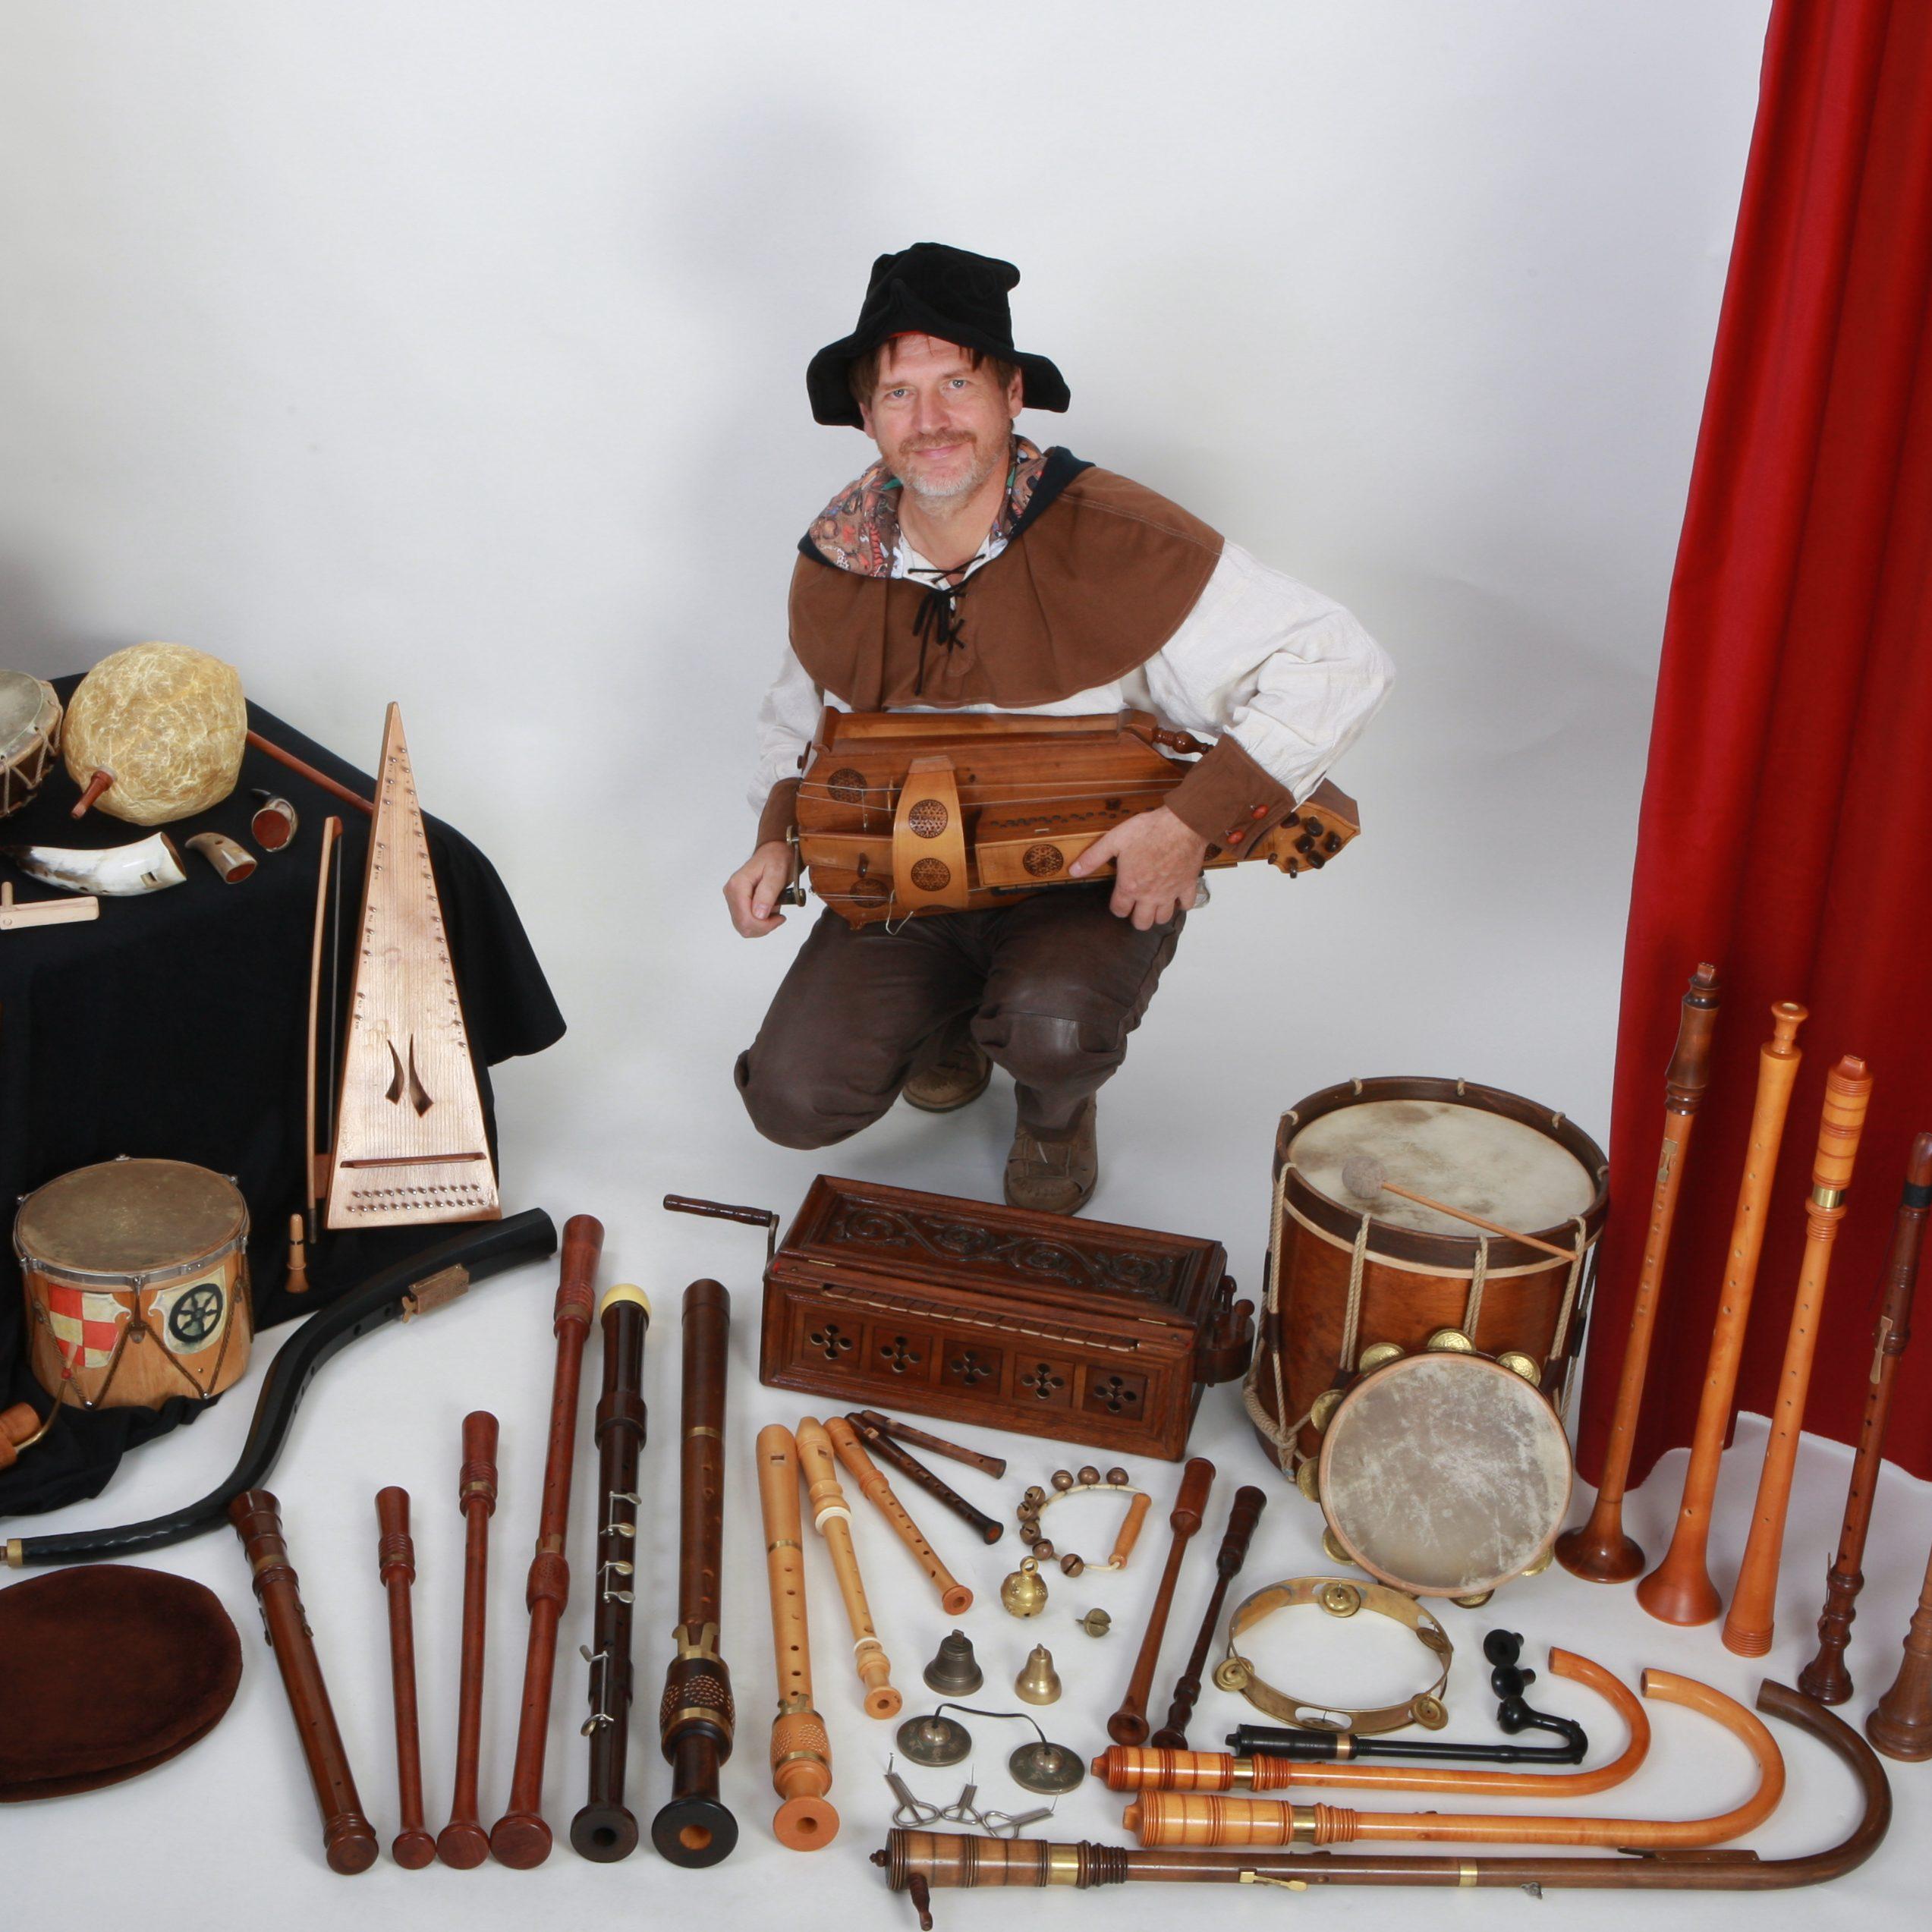 Max mit Instrumentarium